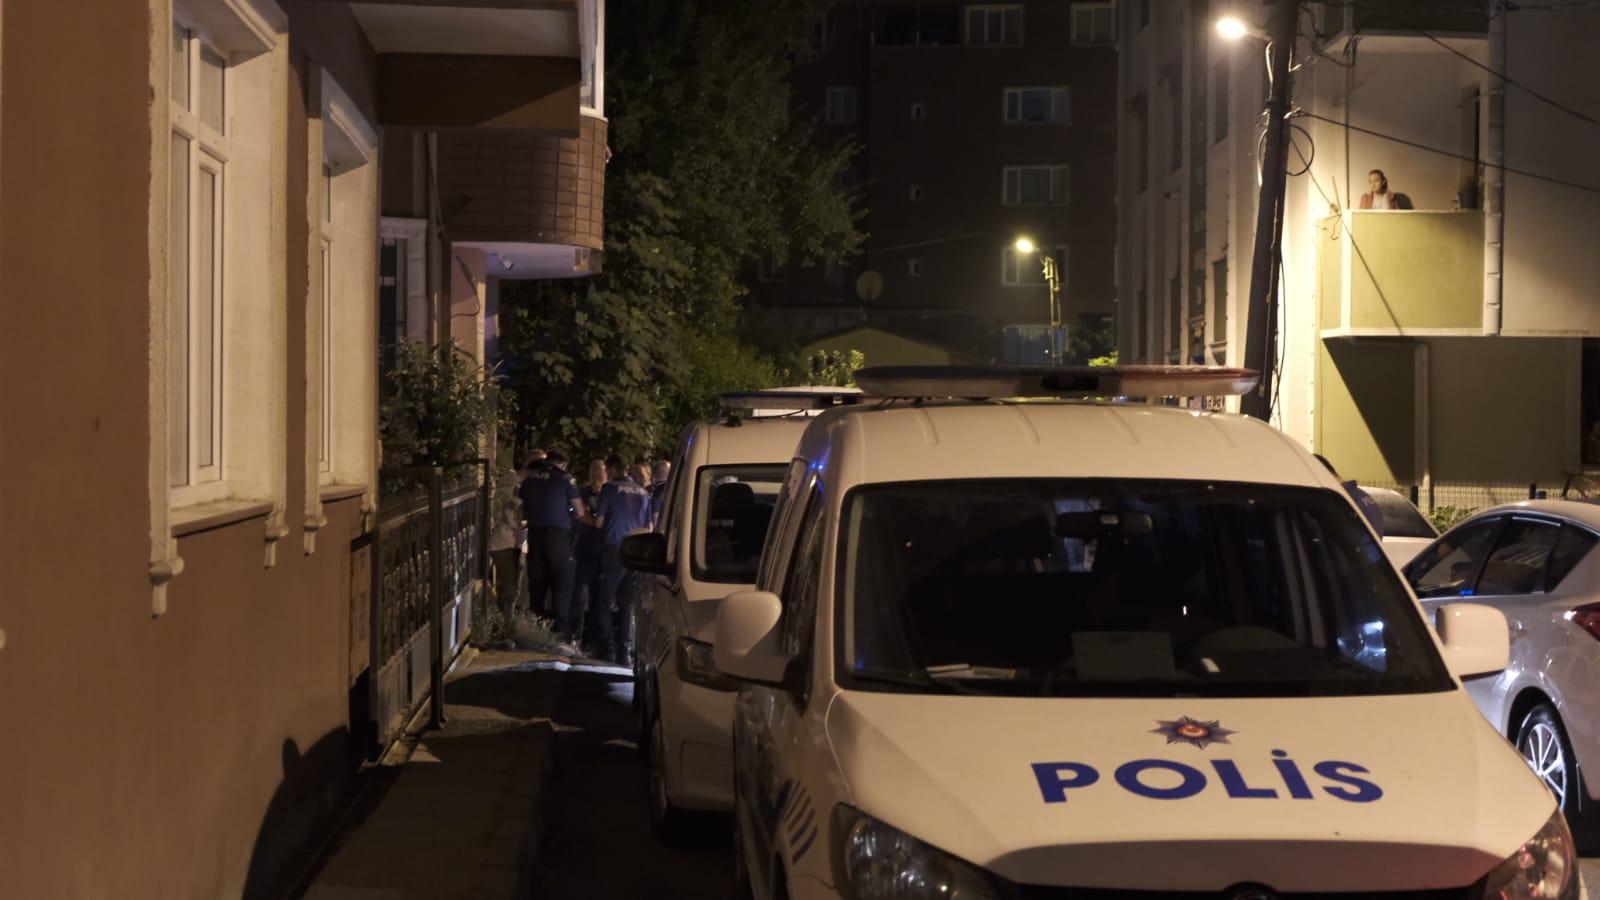 Sarıyer'de kadın cinayeti: Tartıştıkları kadını bıçaklayarak öldürdü